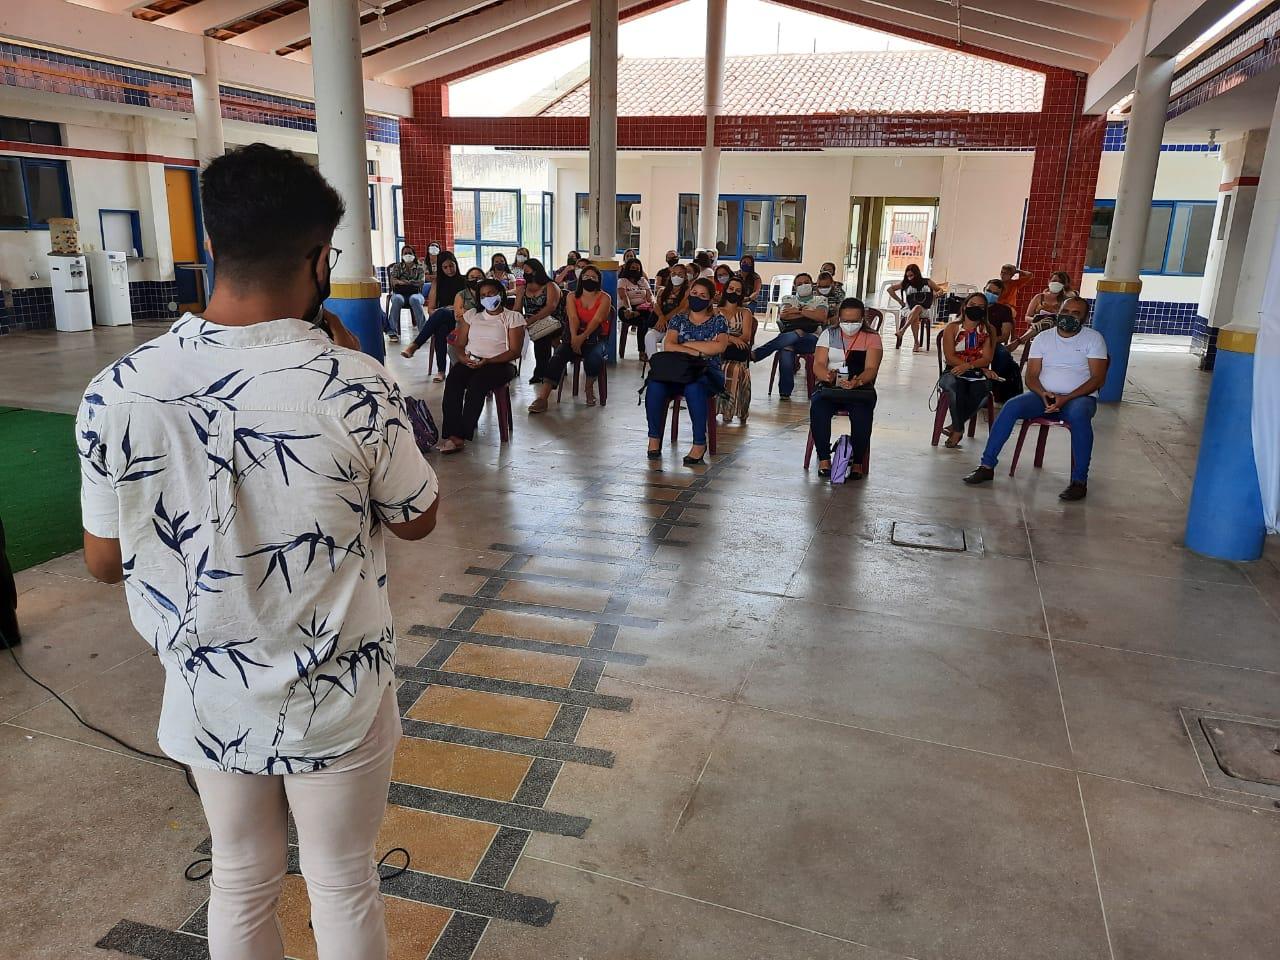 Jornada Pedagógica marca início do ano letivo na rede municipal de ensino em Mato Grosso